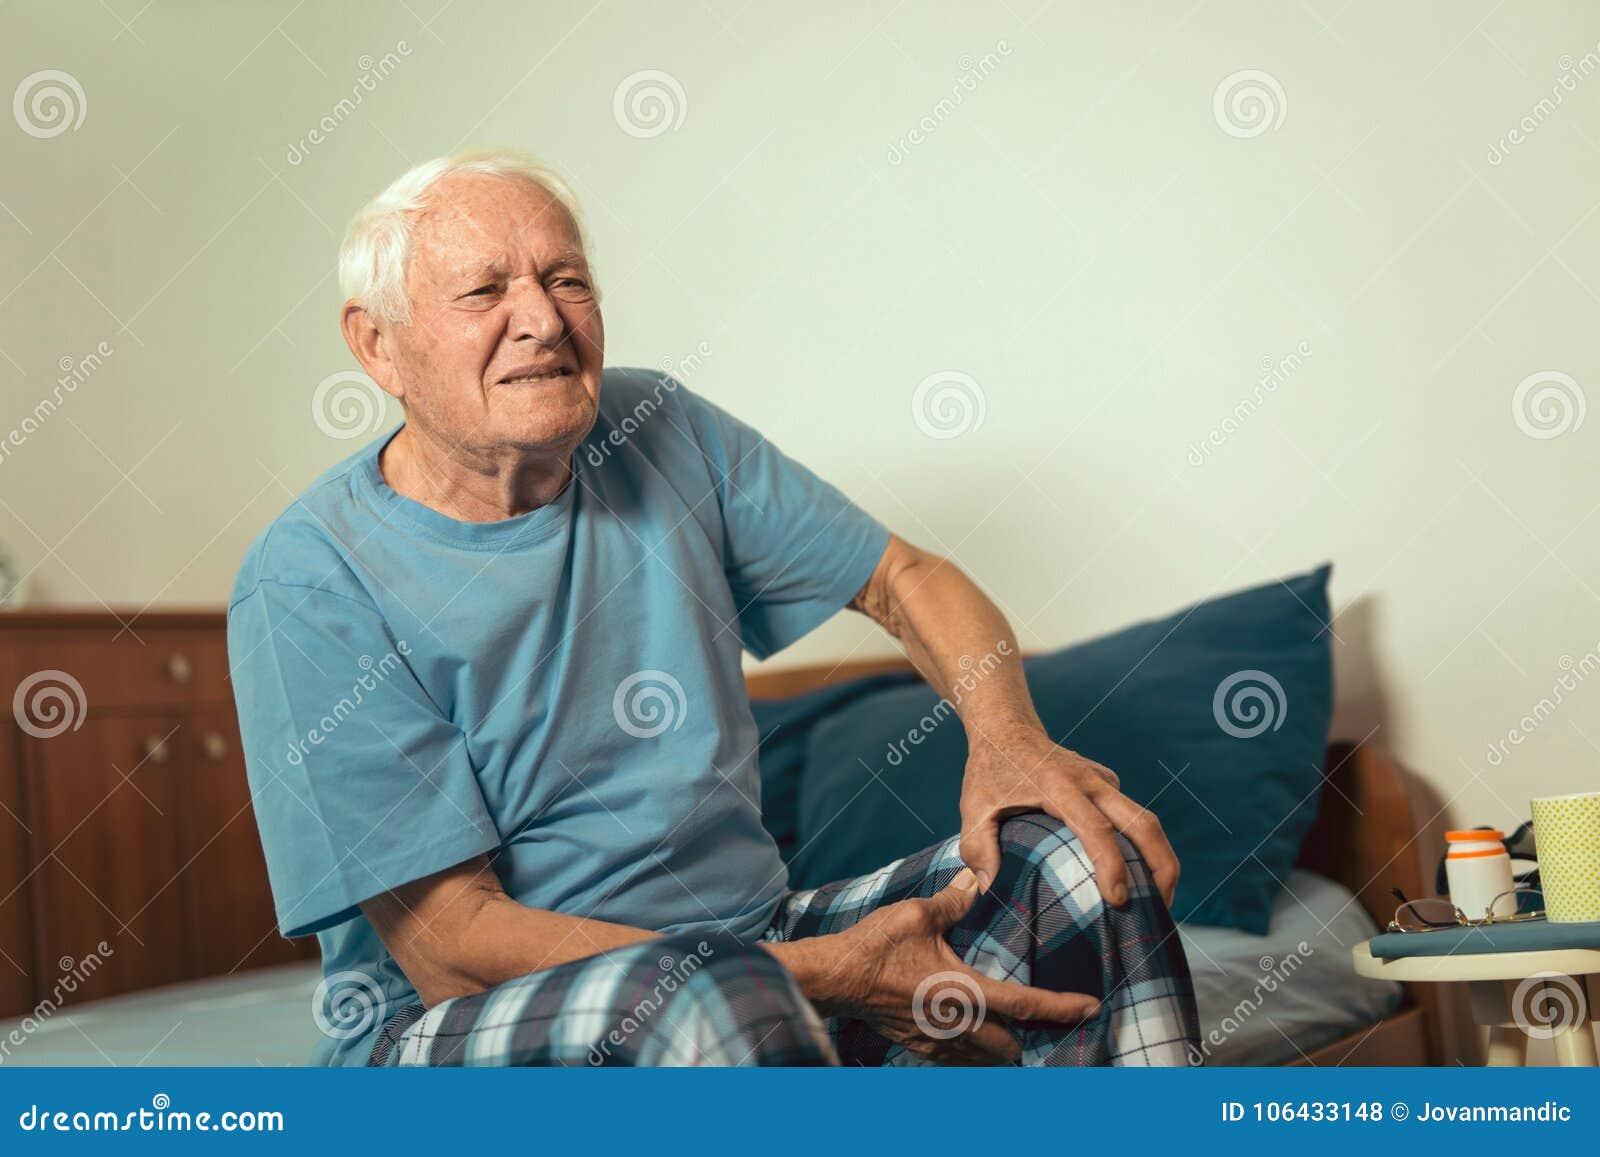 Старший человек с болью остеоартрита в колене